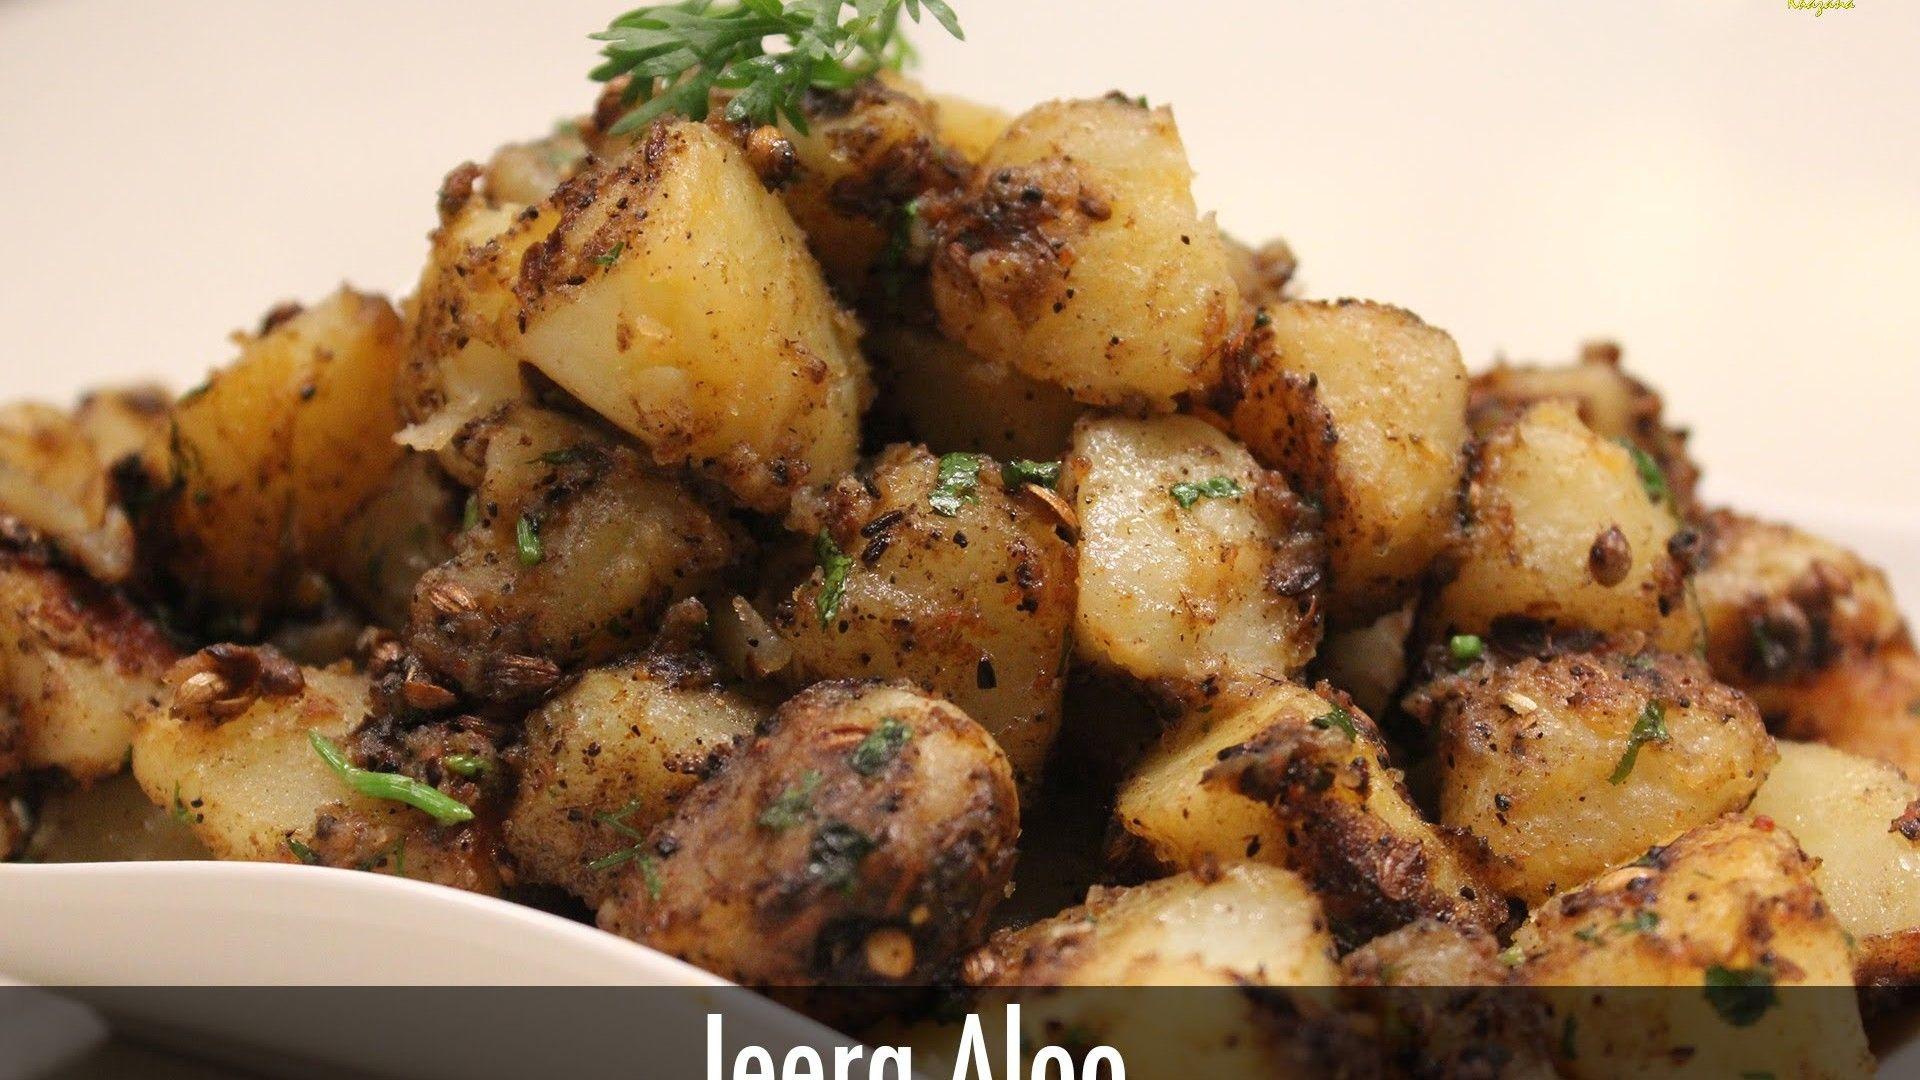 Jeera aloo vegetarian indian recipes sanjeev kapoor khazana jeera aloo vegetarian indian recipes sanjeev kapoor khazana forumfinder Images